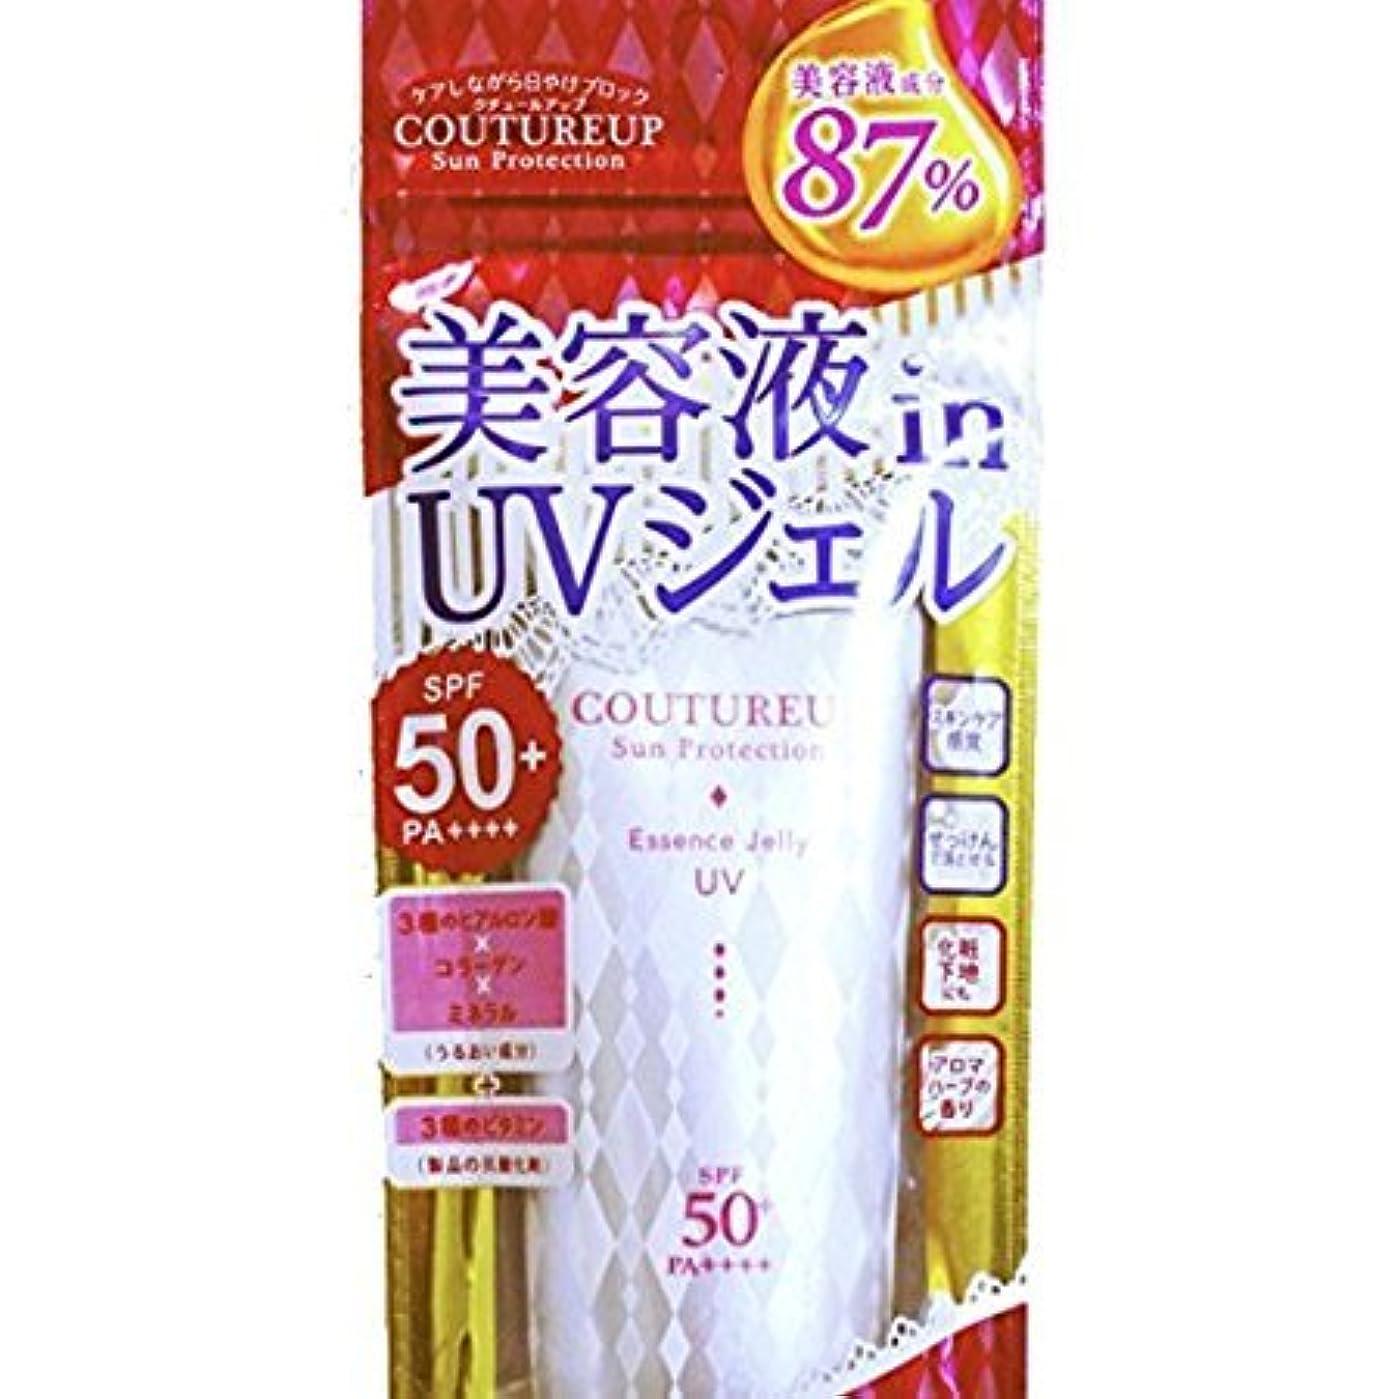 敬の念エッセンス温帯美容液 in UVジェル SPF50+/PA++++ 65g 美容液成分87% 日焼け止め&化粧下地